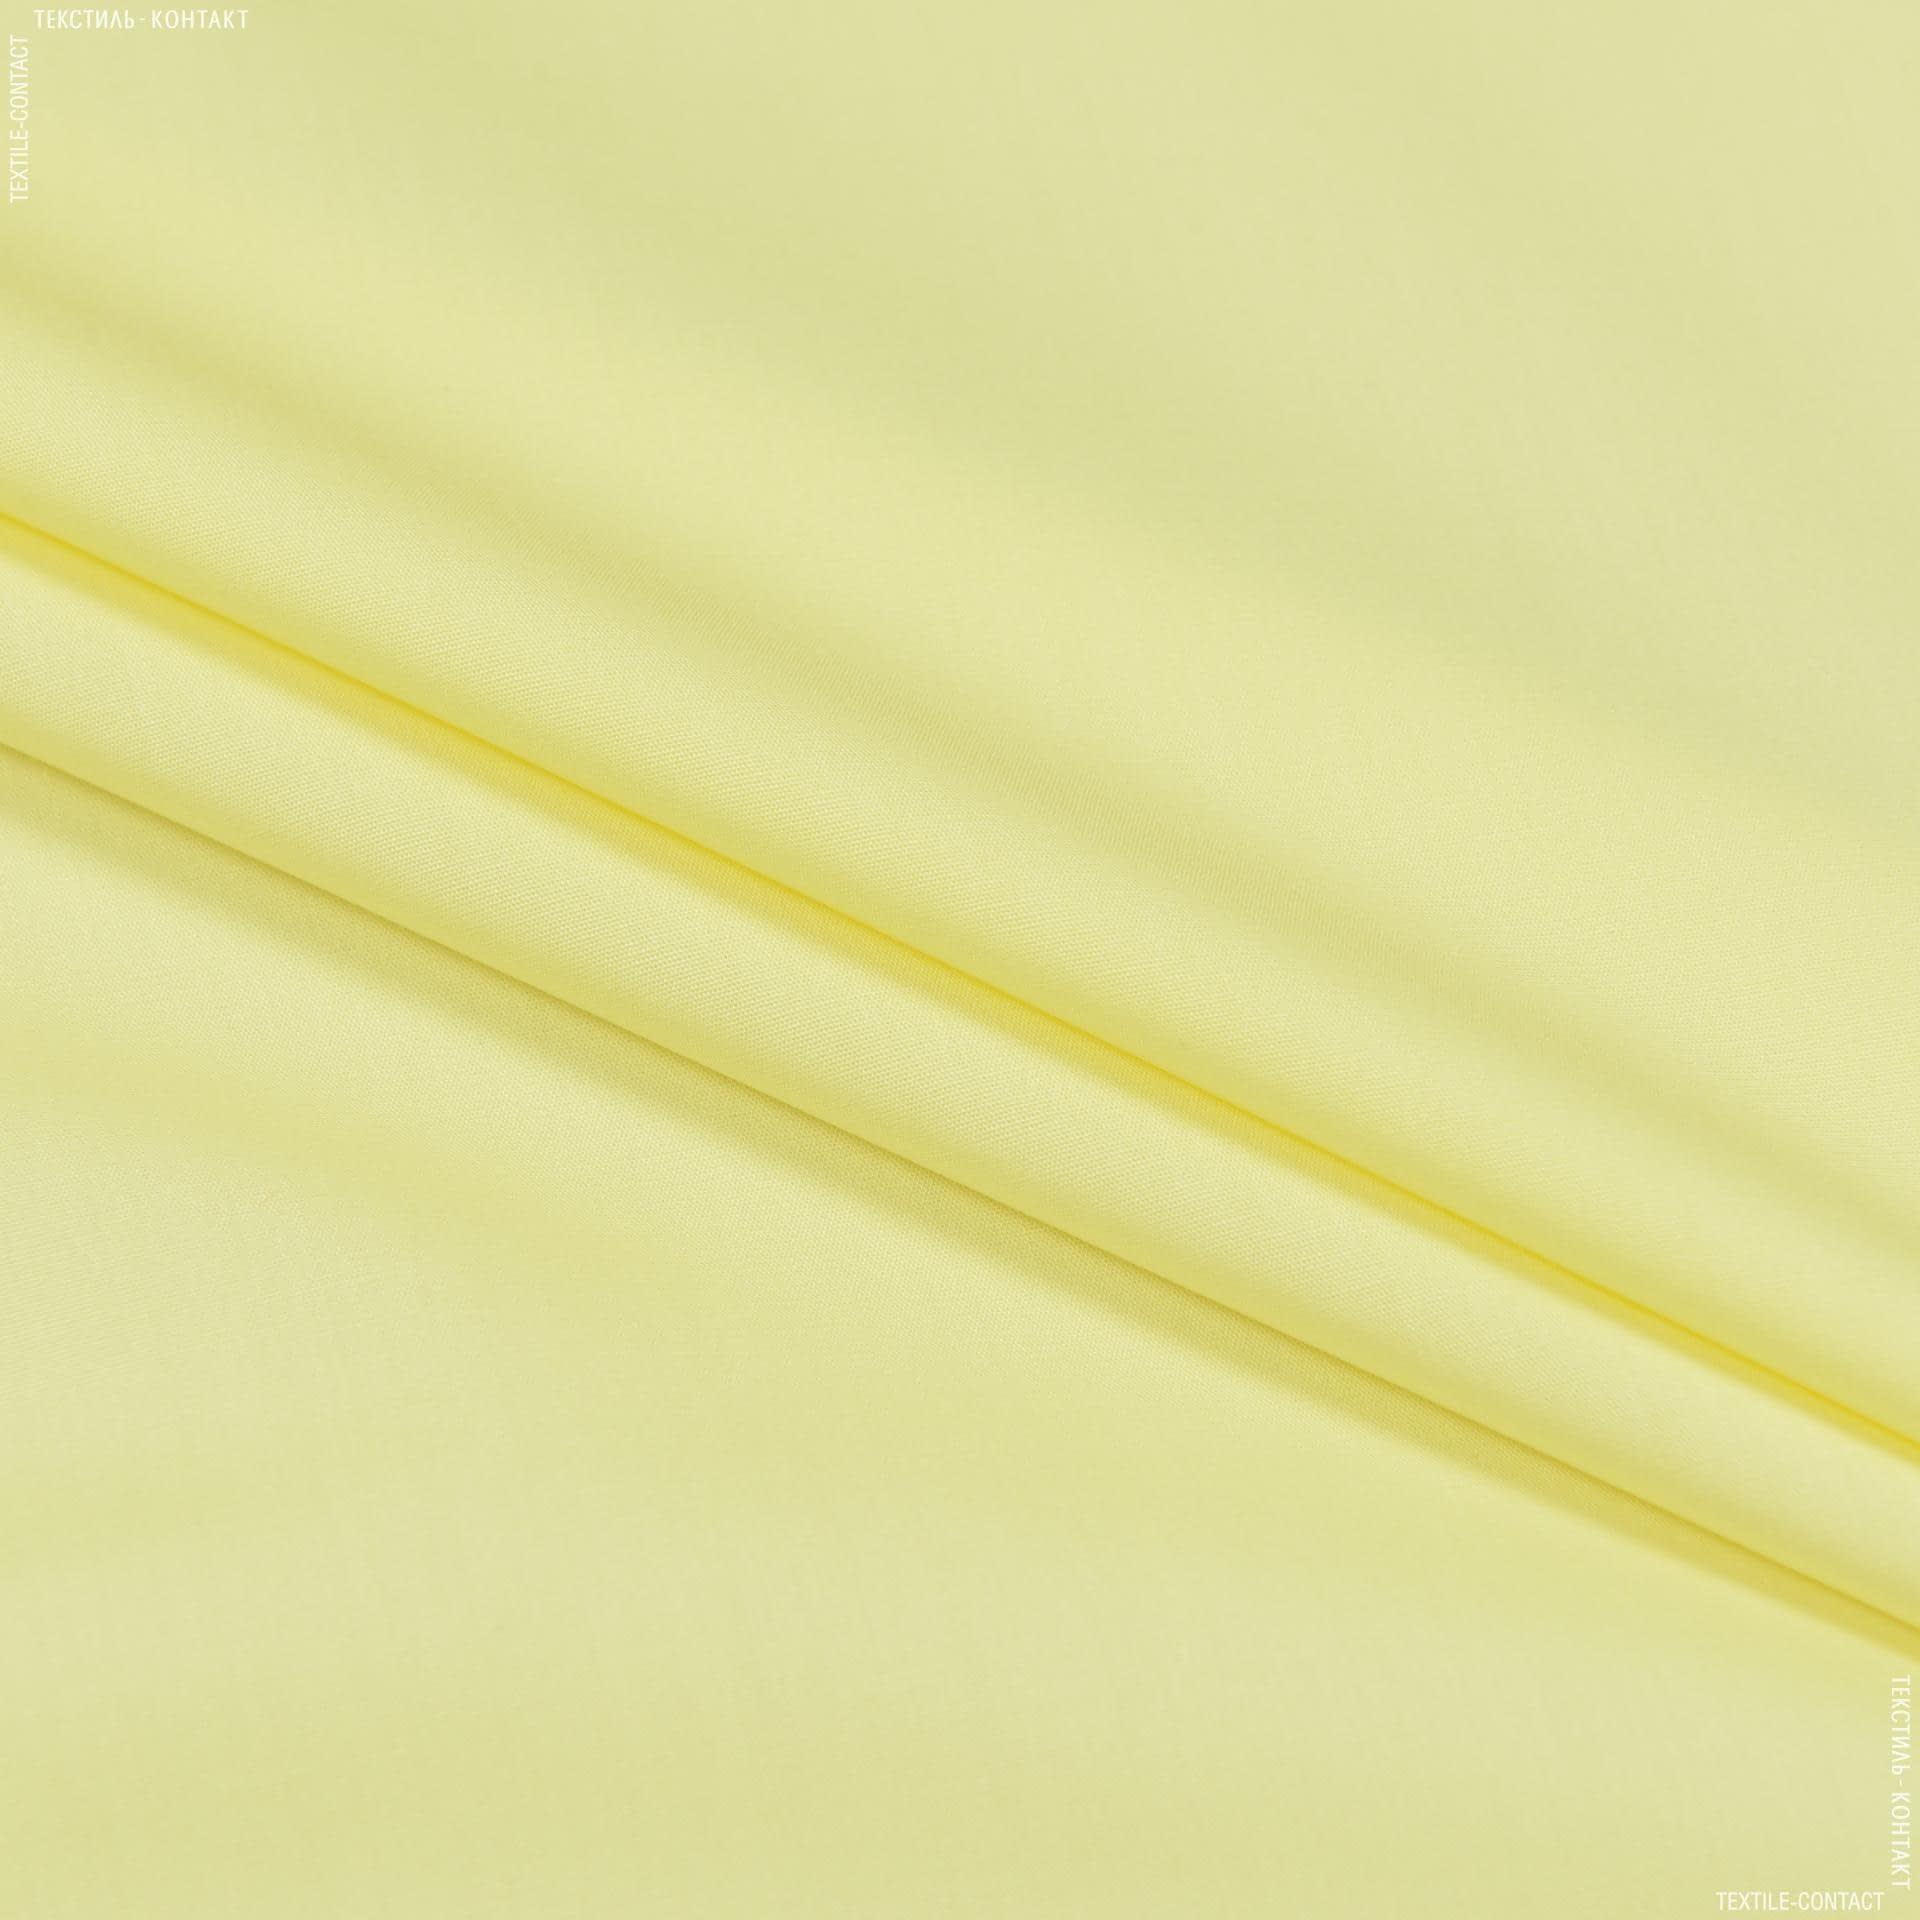 Тканини для суконь - Сорочкова світло-лимонний